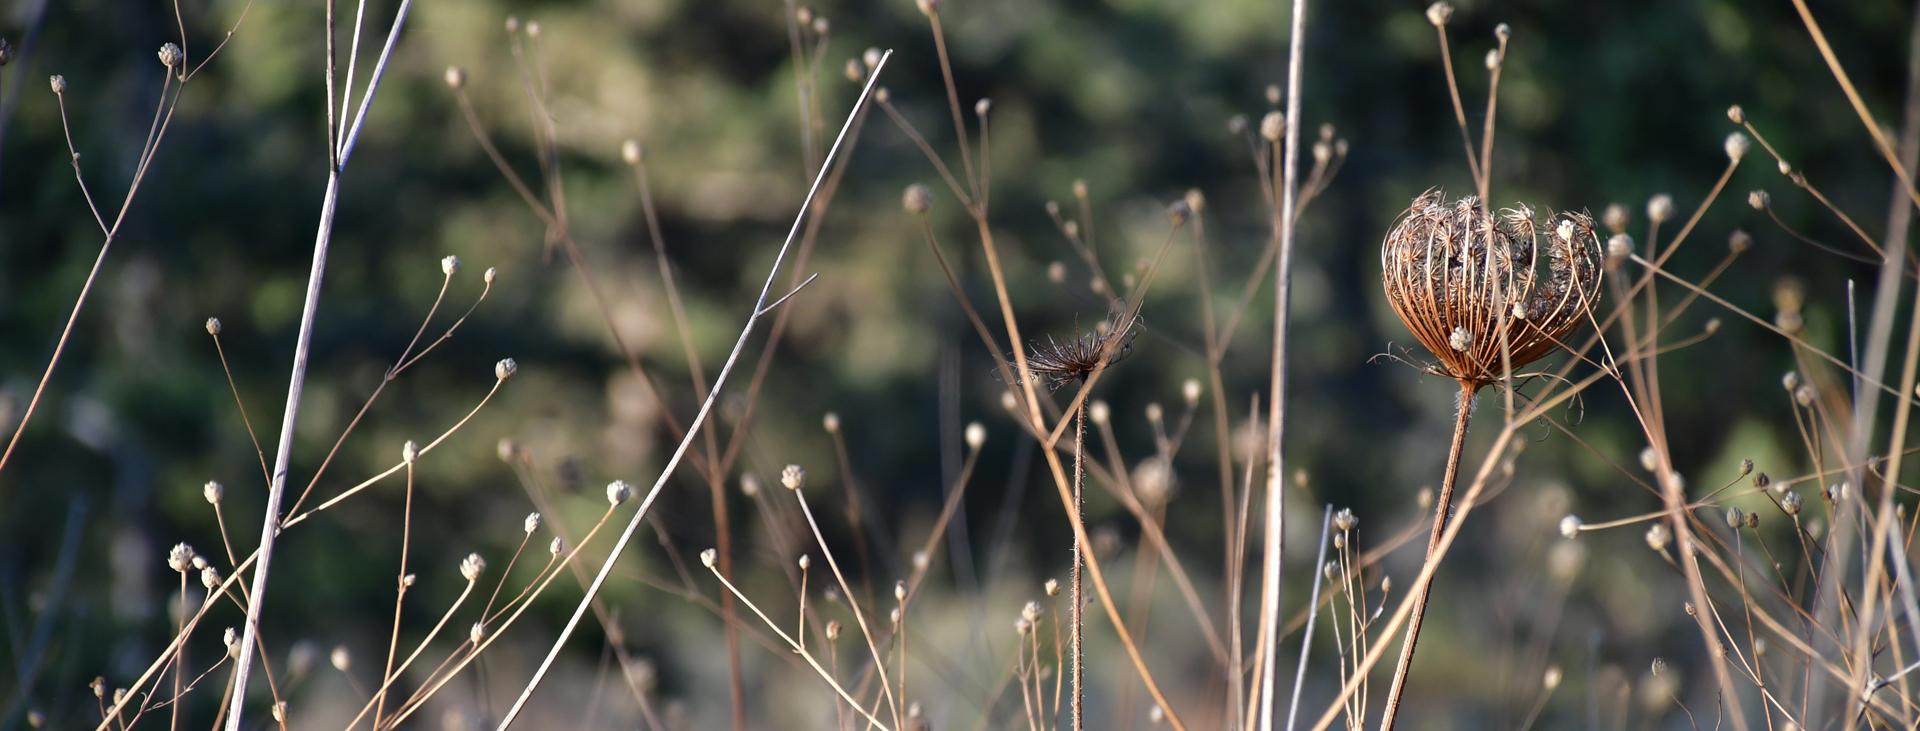 יואל שתרוג - אדמה יוצרת - yoel sitruk -יער לפיד - מסיבת התה של עליזה